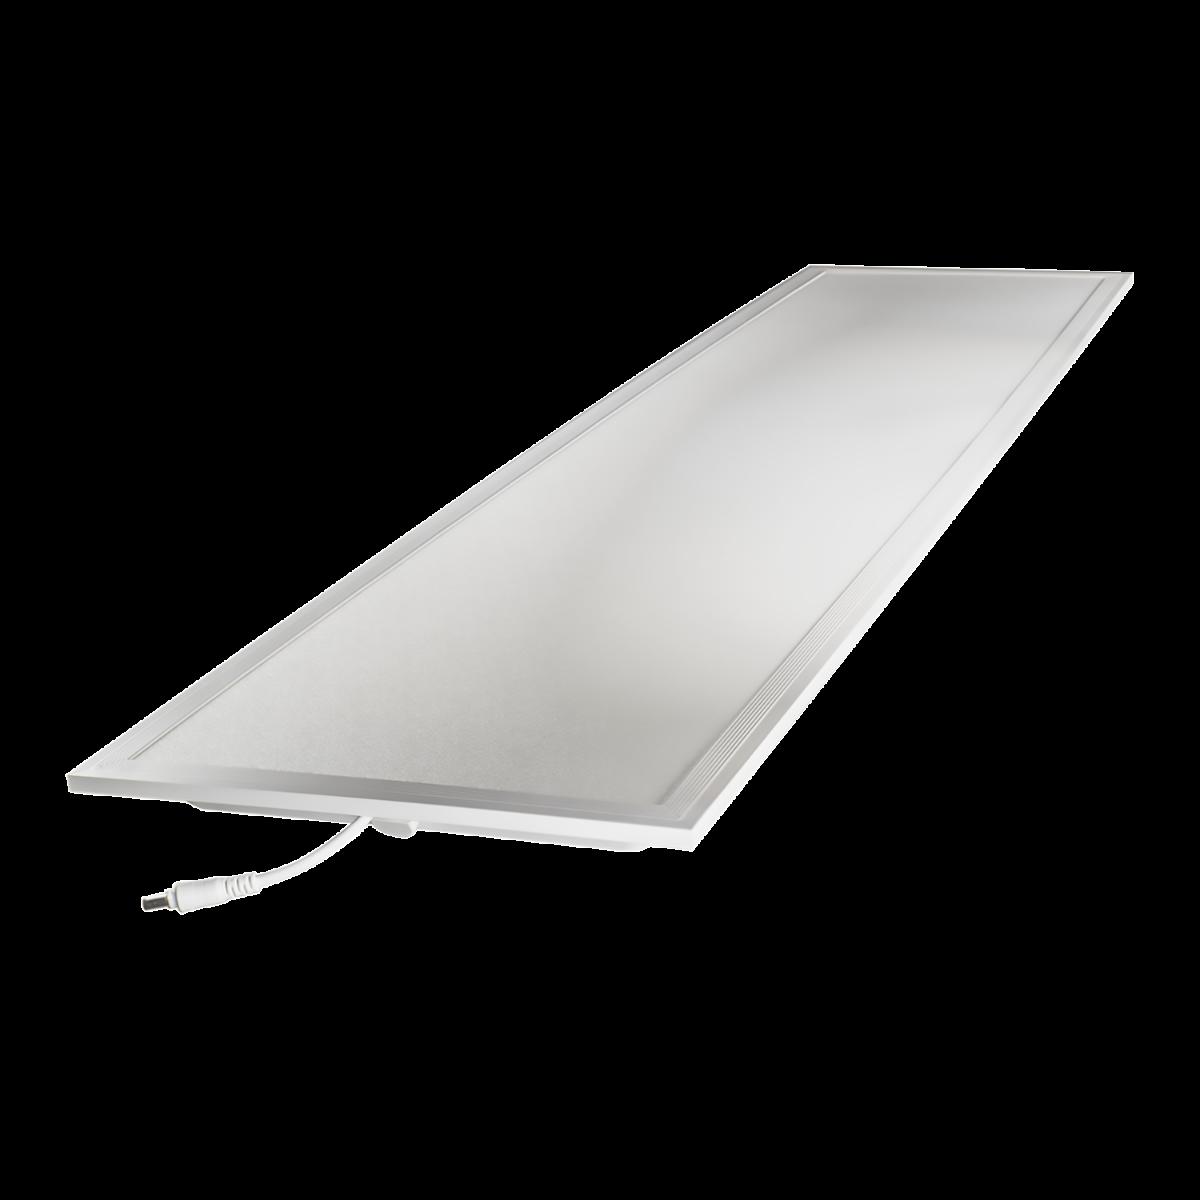 Noxion LED panel Delta Pro V2.0 30W 30x120cm 4000K 4110lm UGR <19 | kald hvit - erstatter 2x36W